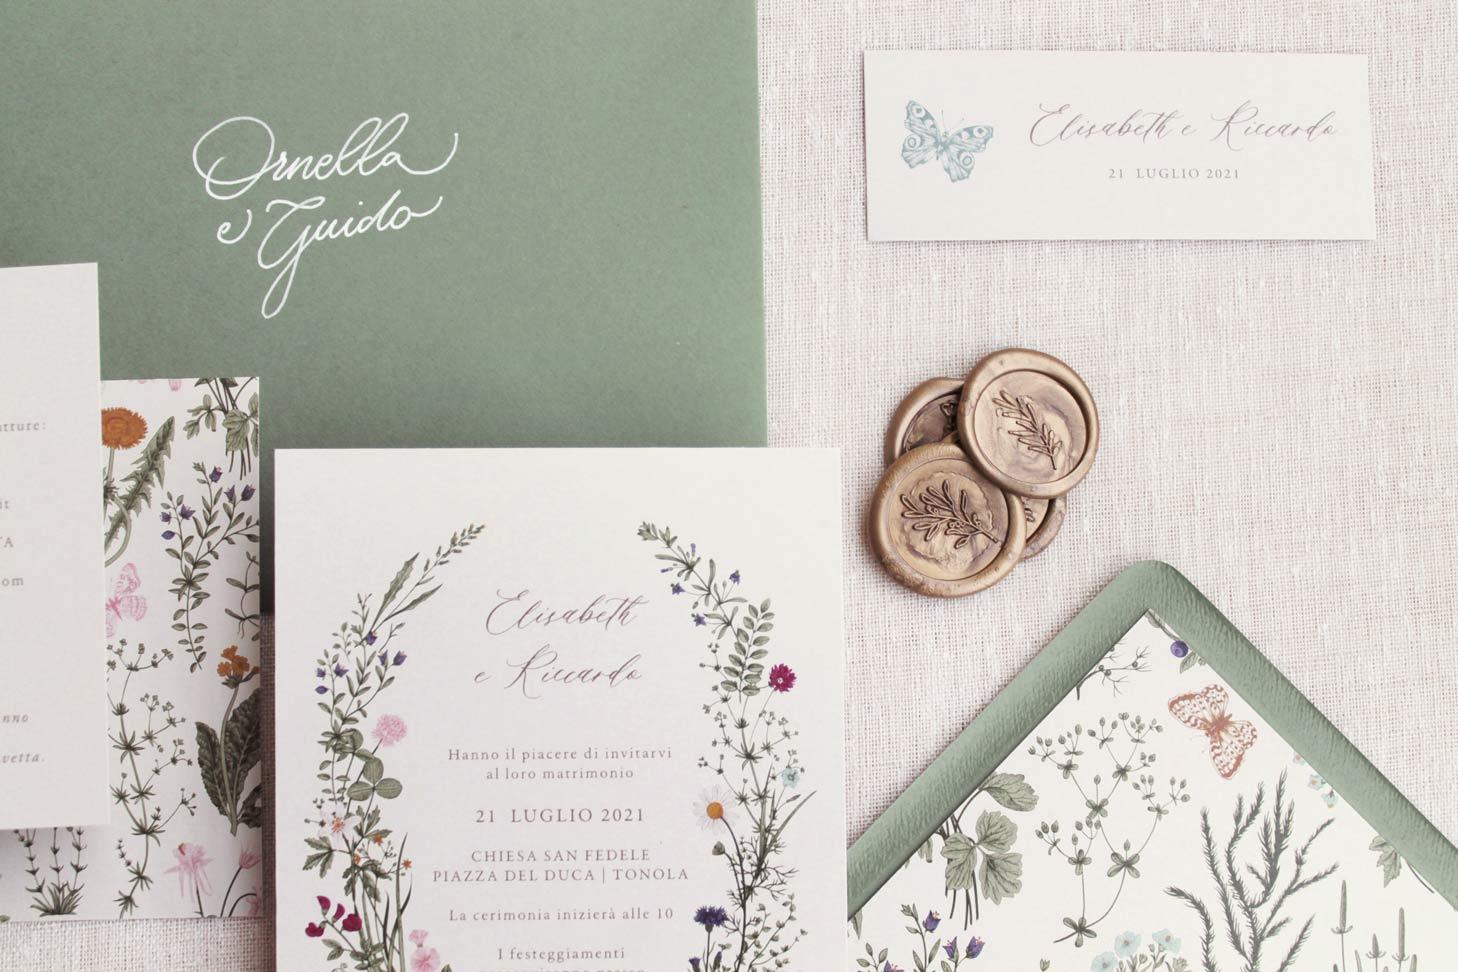 Partecipazioni-nozze-matrimonio-2021-moderne-eleganti-semplice-idea-esempio-modelli-fiori-verde-ulivo